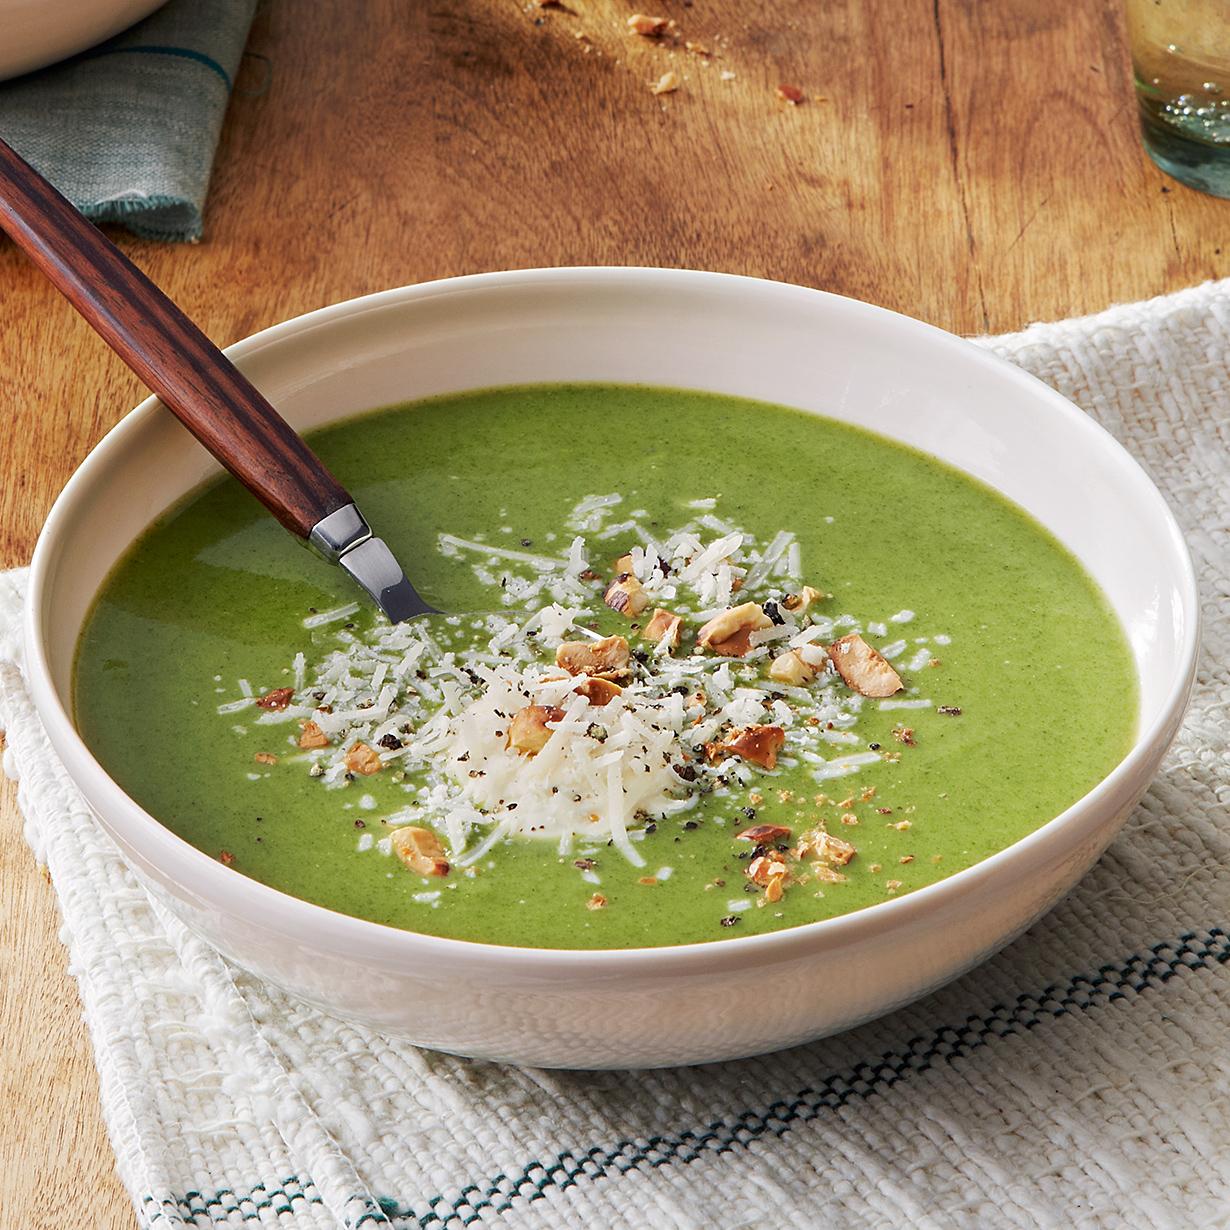 Spinoccoli Soup